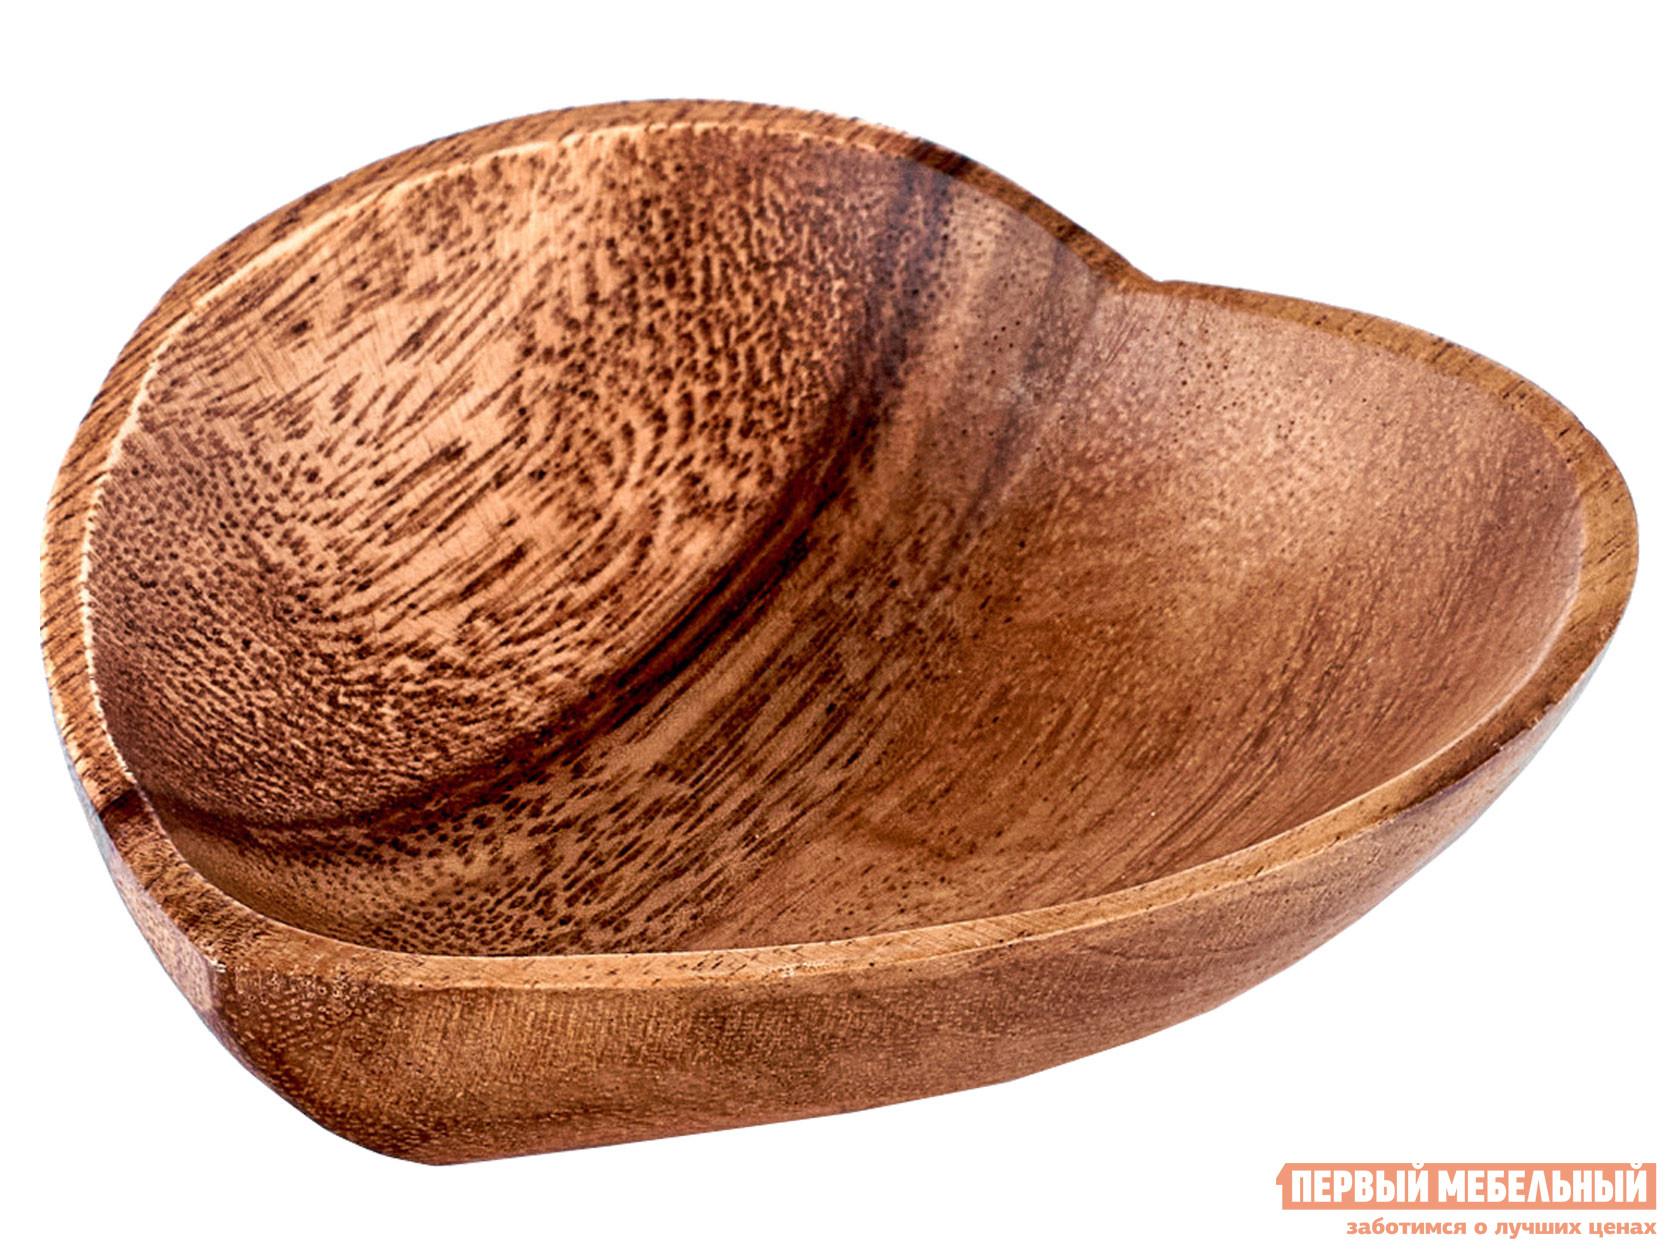 Блюдо фигурное Первый Мебельный Блюдо фигурное ORGANIC